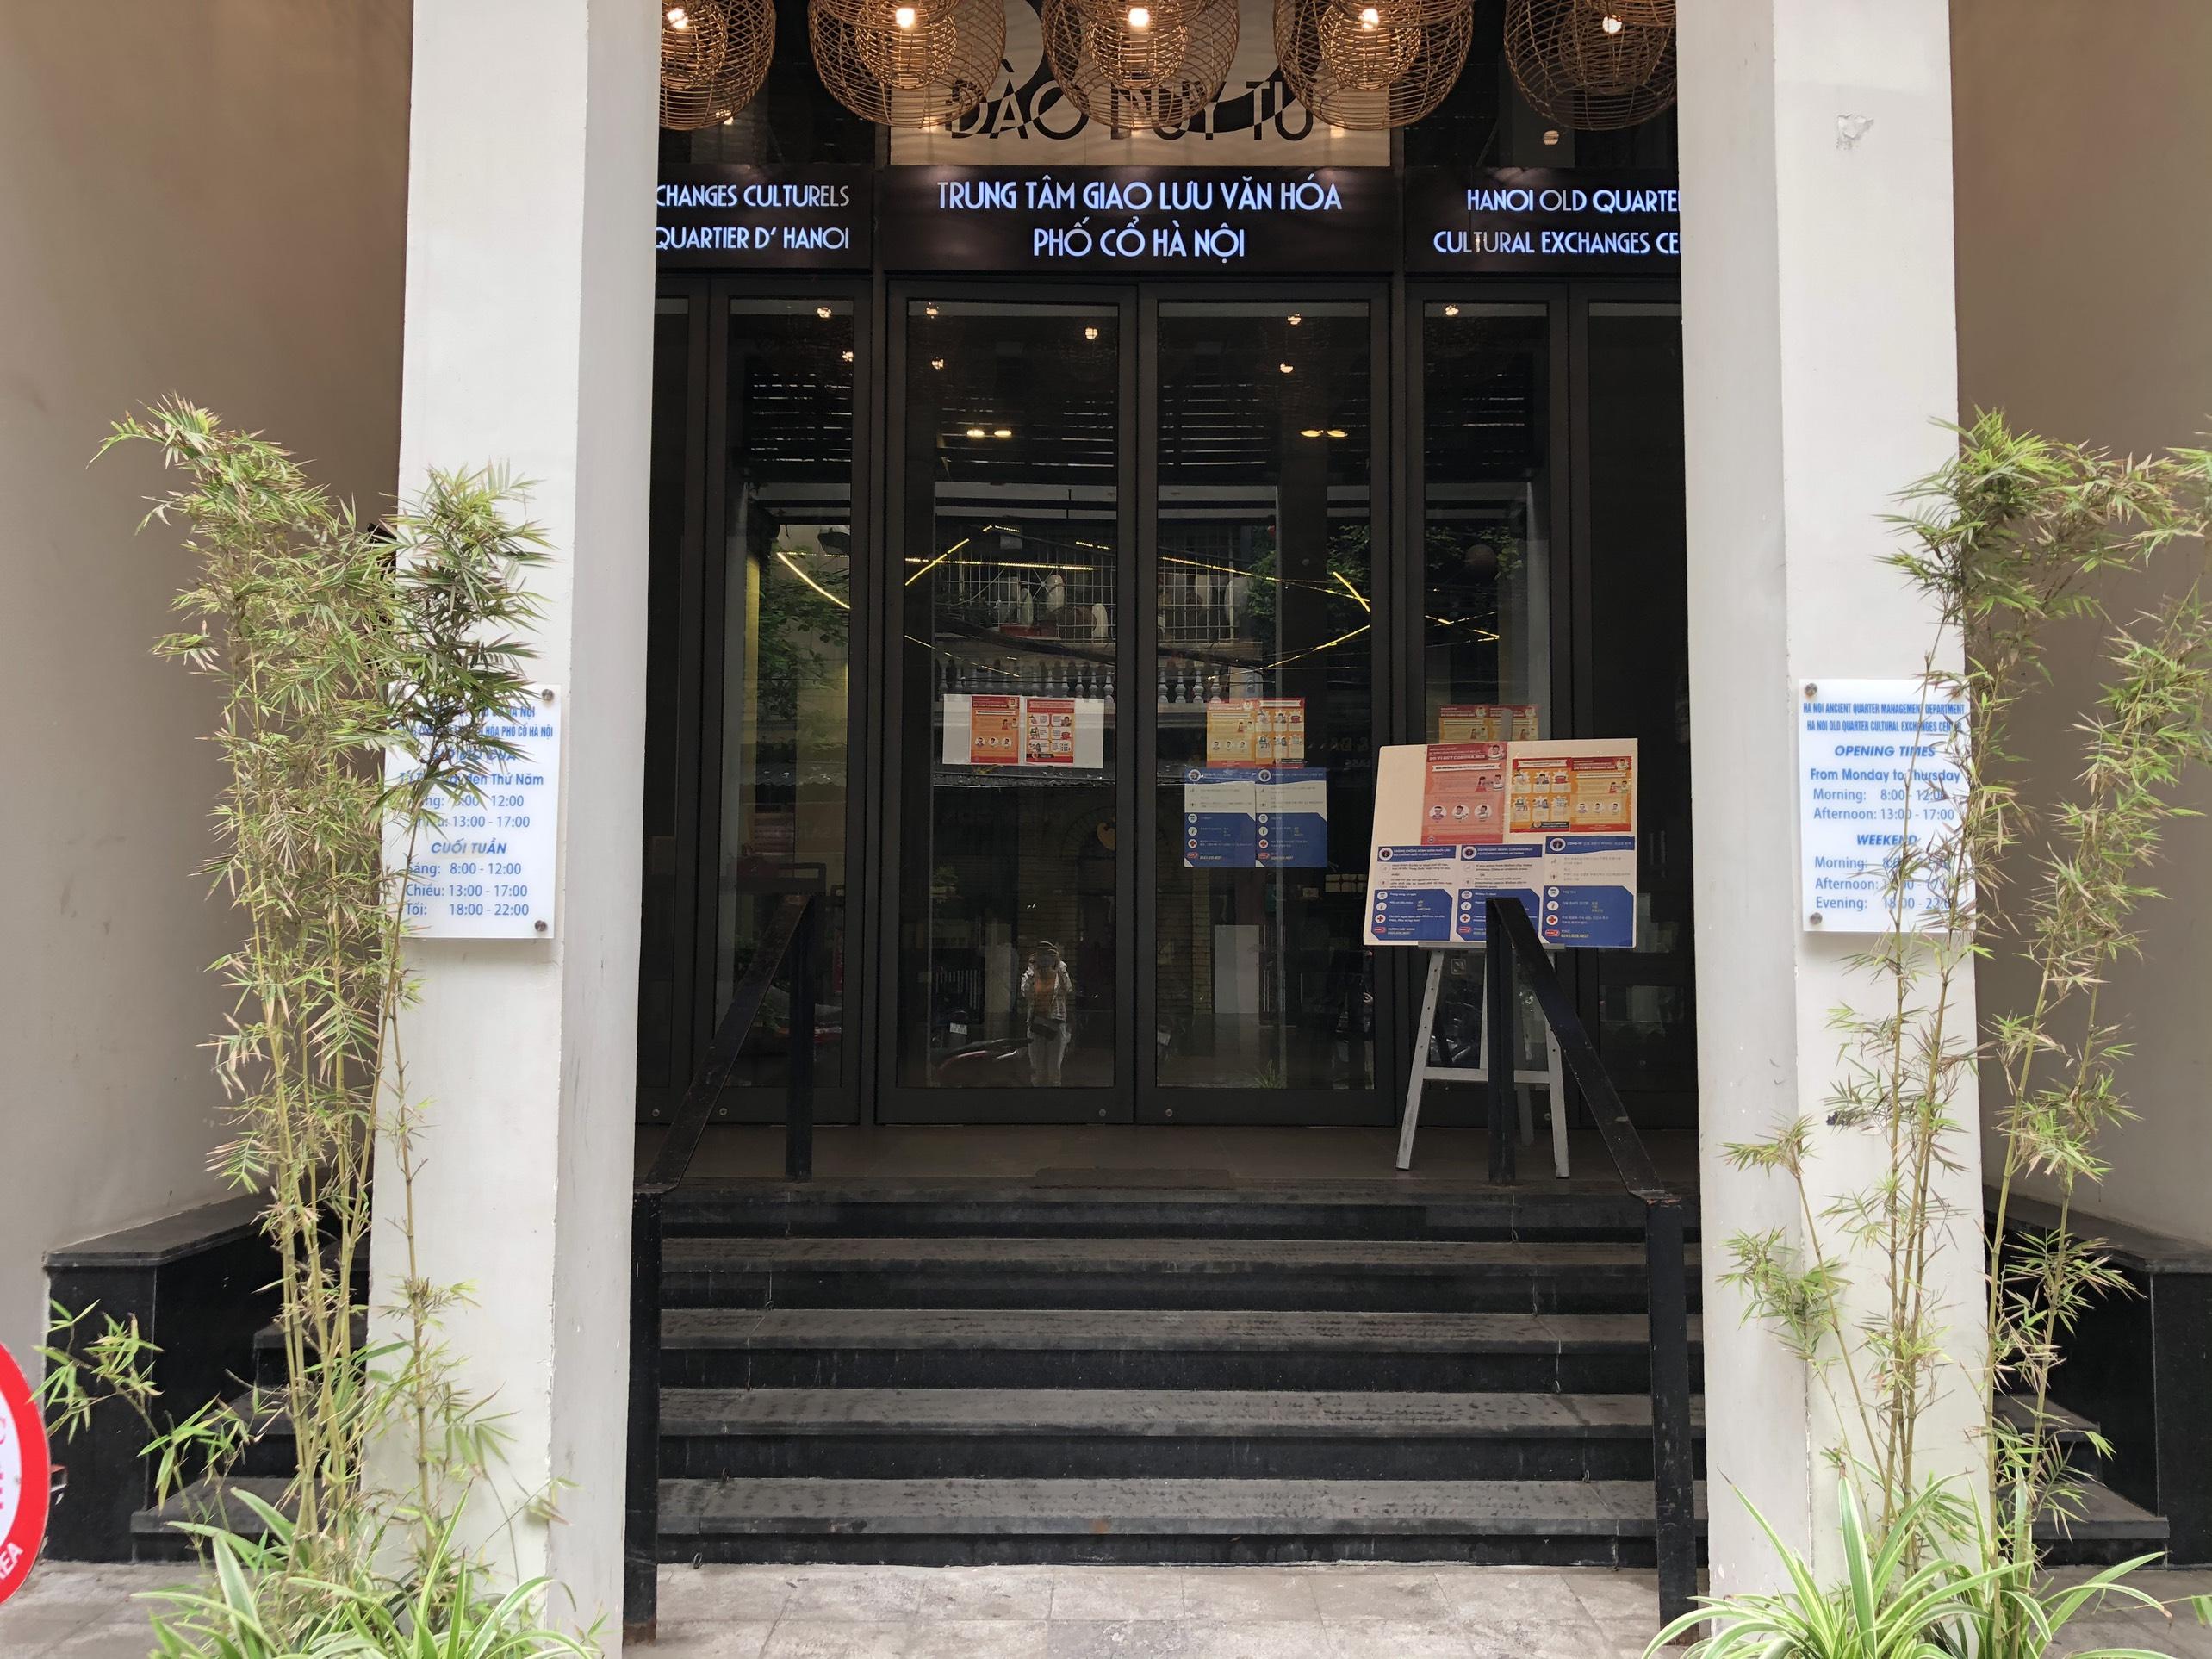 Mở cửa trở lại, một số điểm tham quan tại Hà Nội vẫn vắng khách du lịch - Ảnh 2.